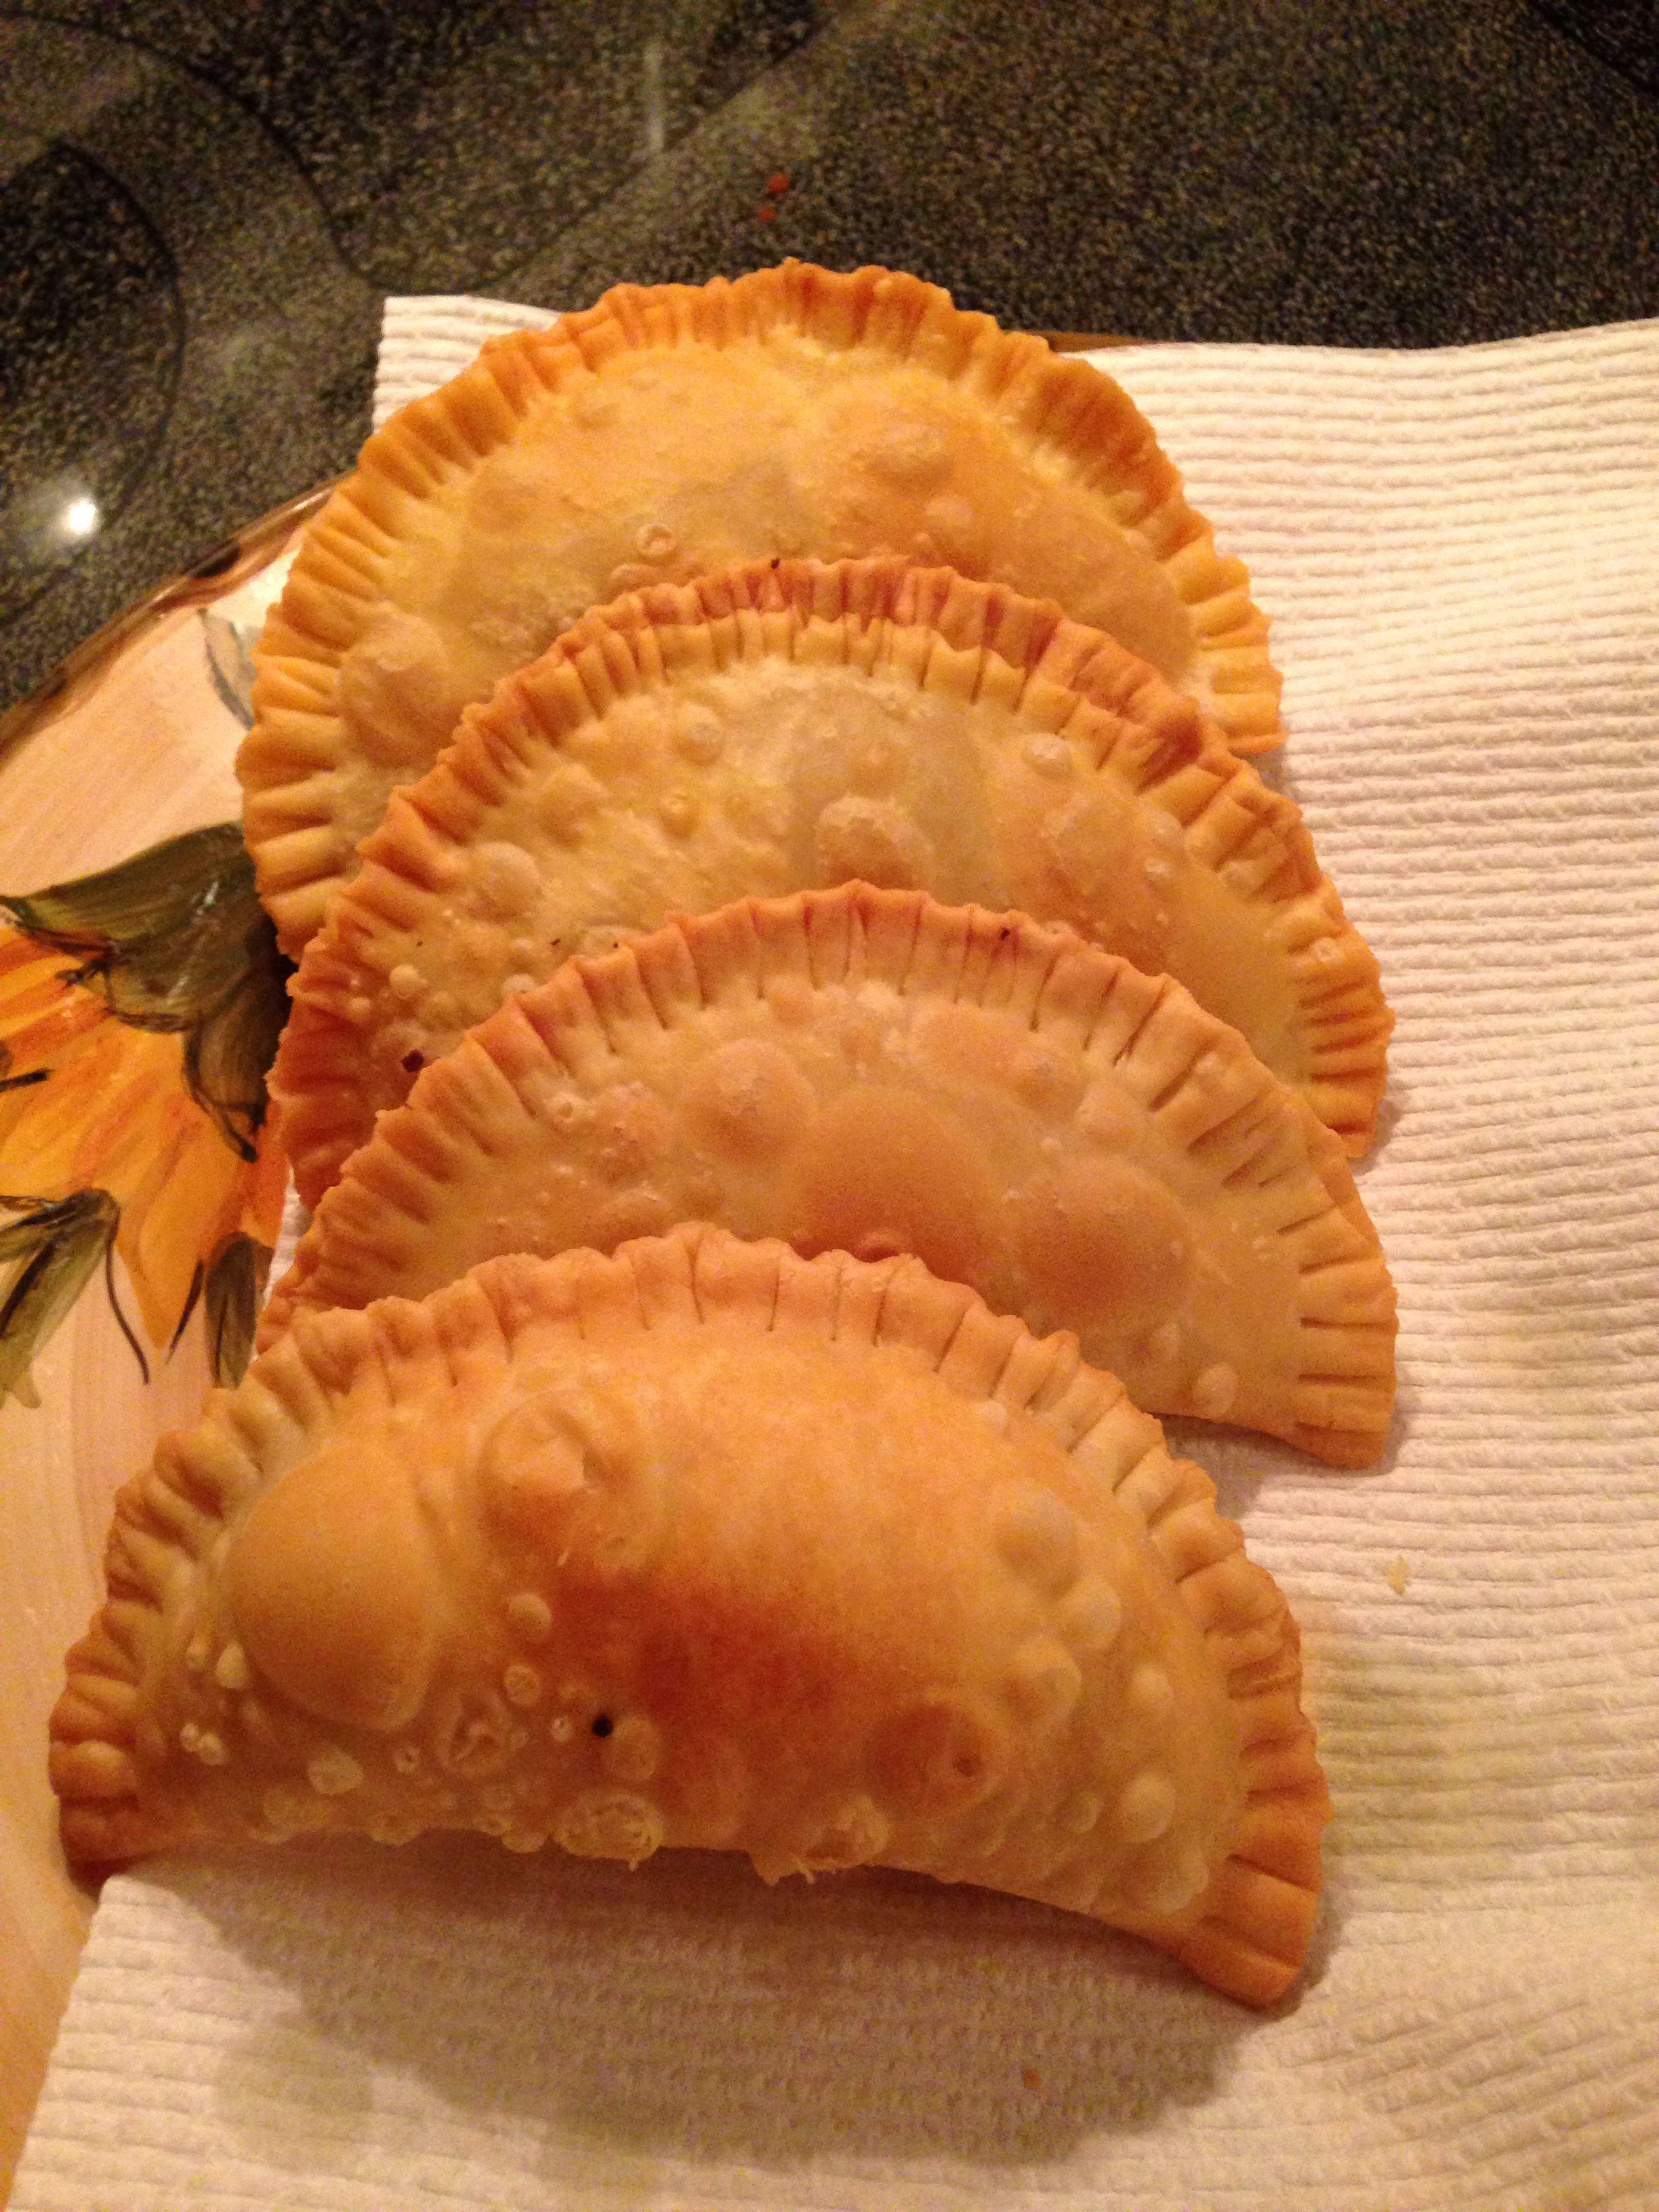 Pastelillos (pastelitos, empanadas, empanadillas) de carne molida, jalapeño, queso suizo y pimienta roja molida.